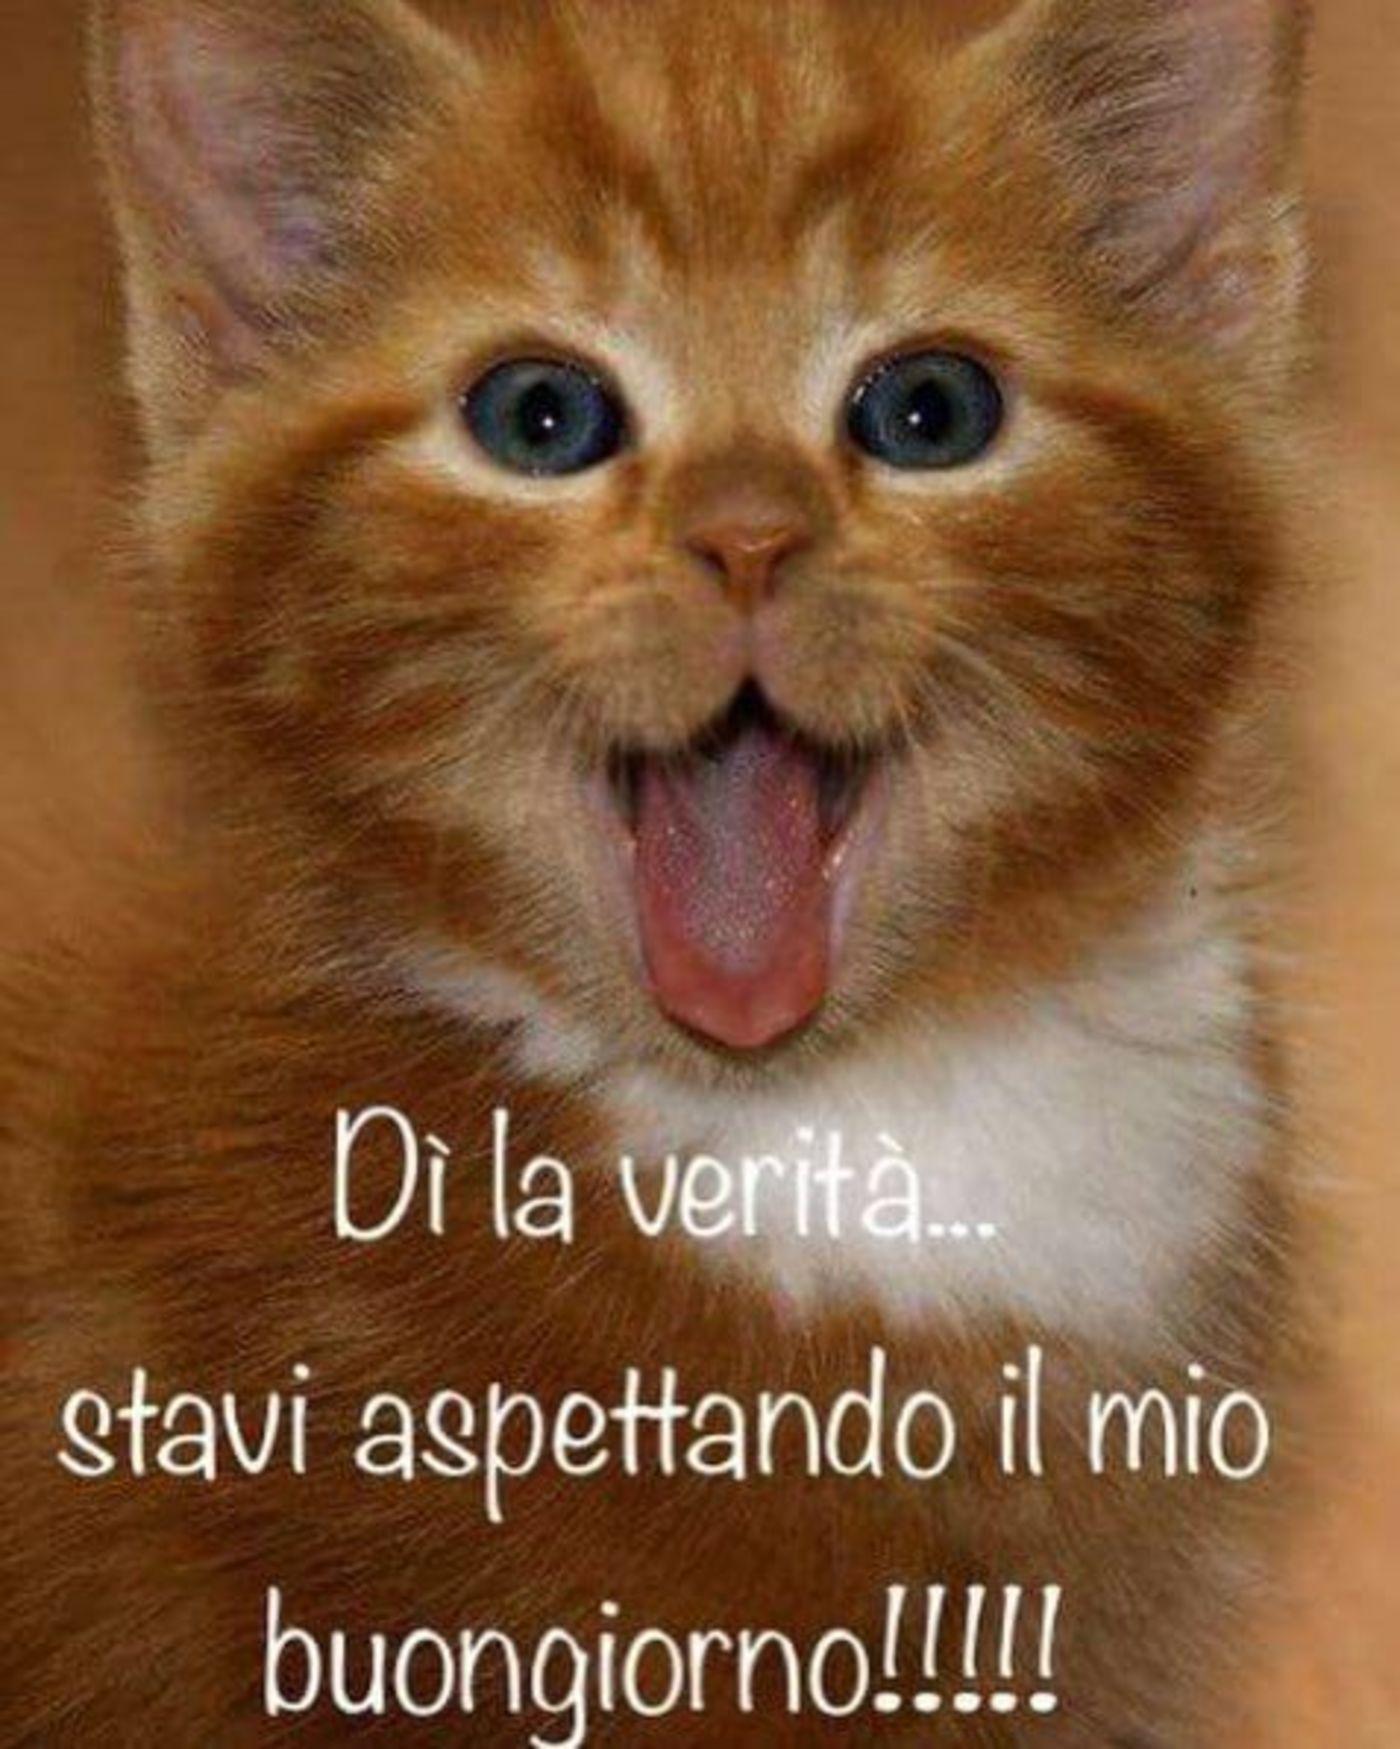 Immagini per buongiorno con gli animali 6 archives for Immagini buona giornata divertenti